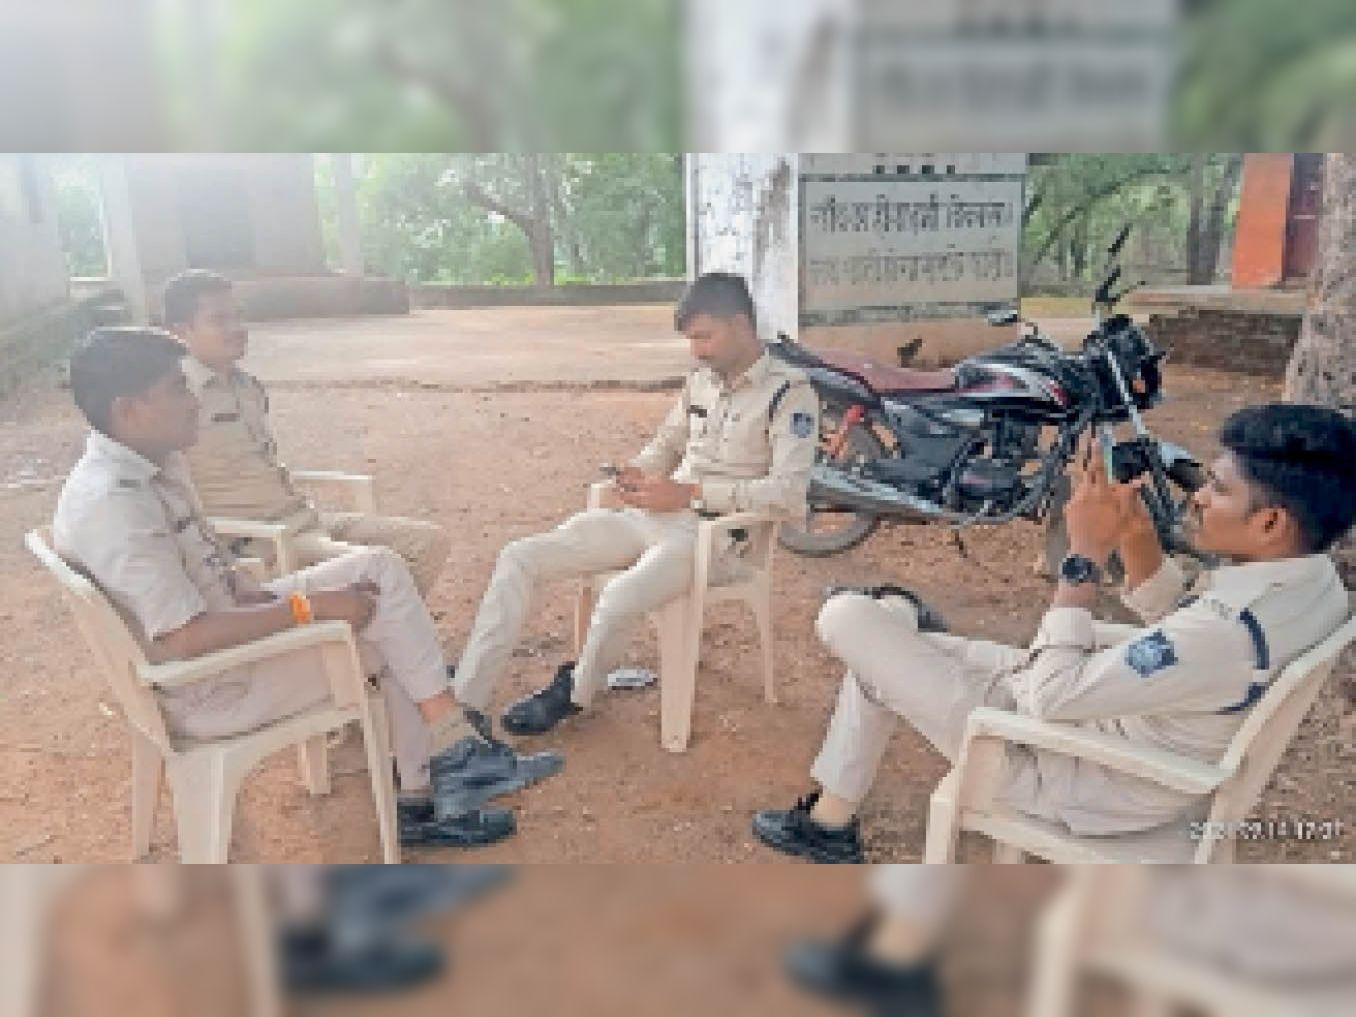 झकेला गांव में 6 दिन से तैनात है पुलिस बल। - Dainik Bhaskar